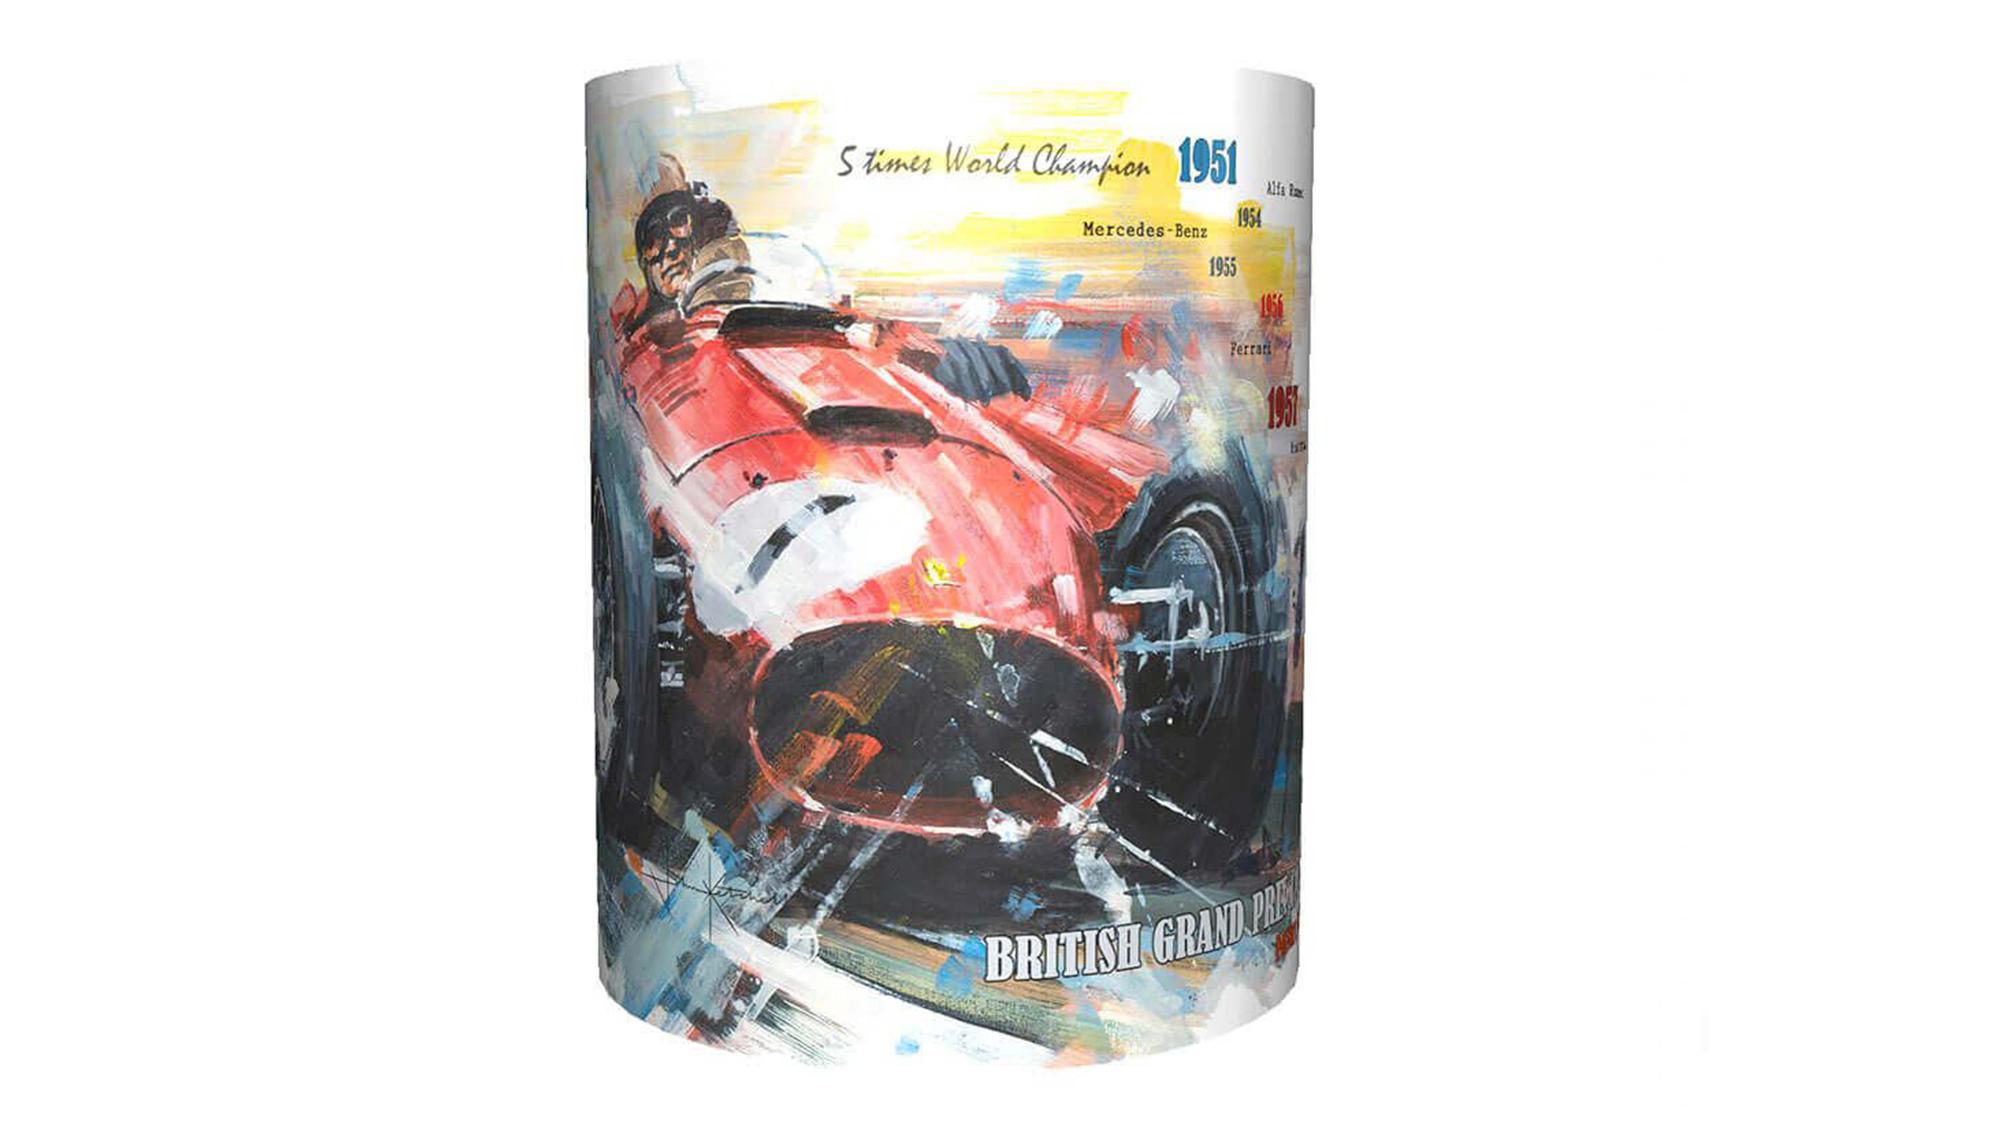 Fangio mug